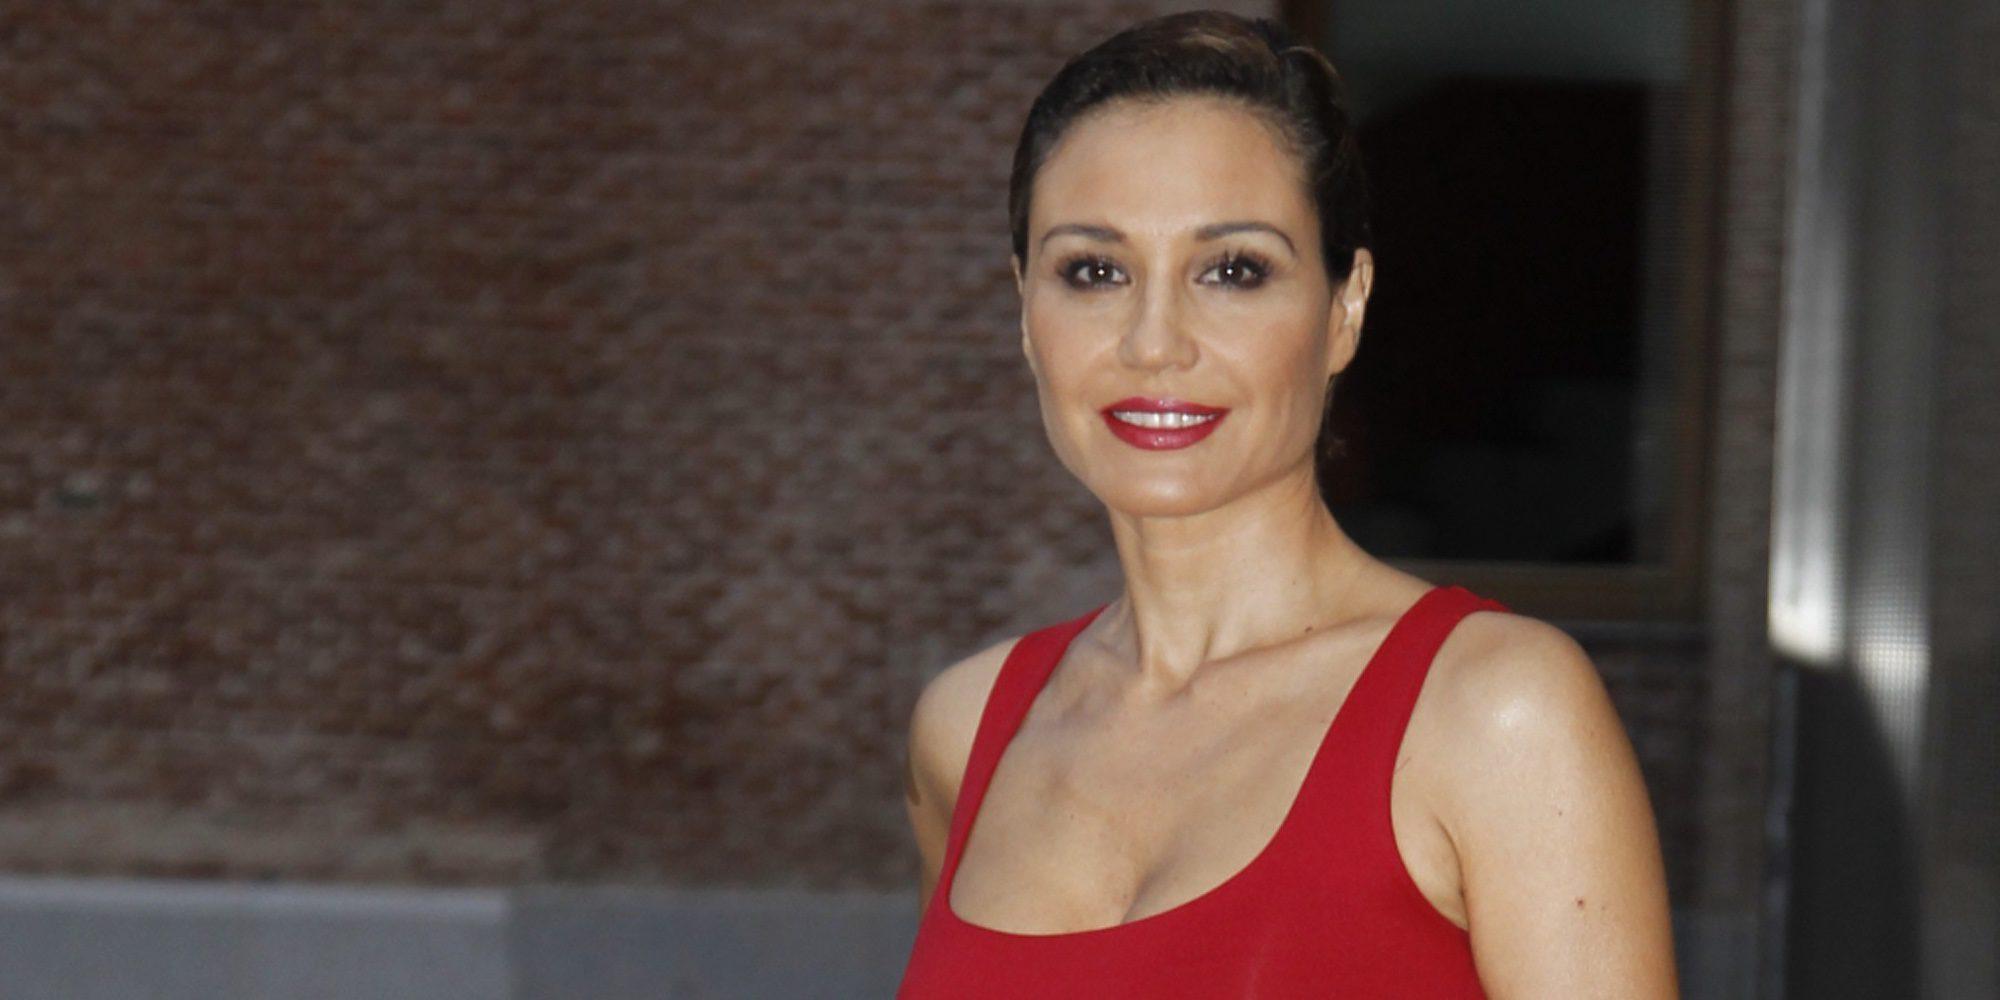 ¿Qué fue de la ex Miss España y presentadora de televisión Juncal Rivero?